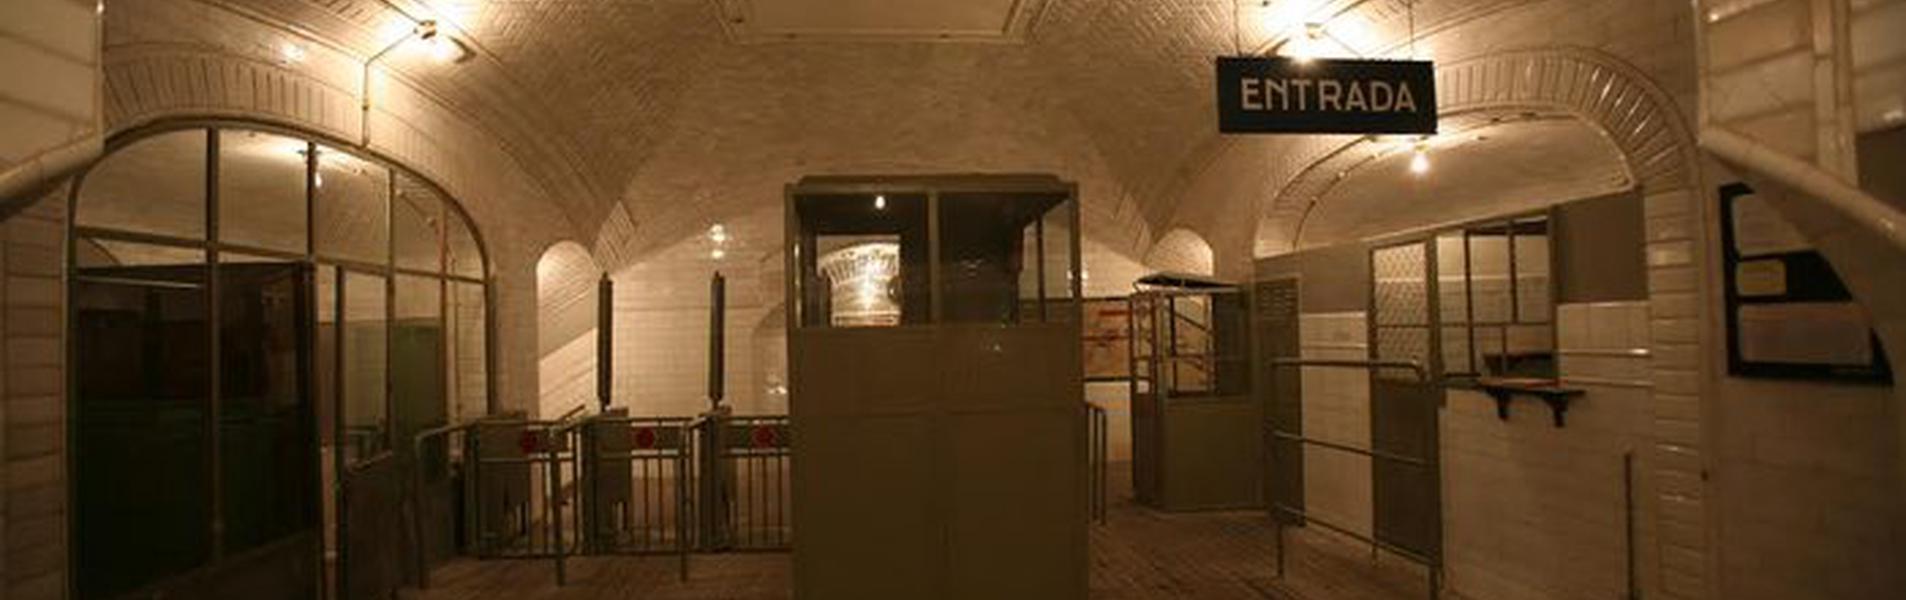 Museo Chamberí. Estación Fantasma